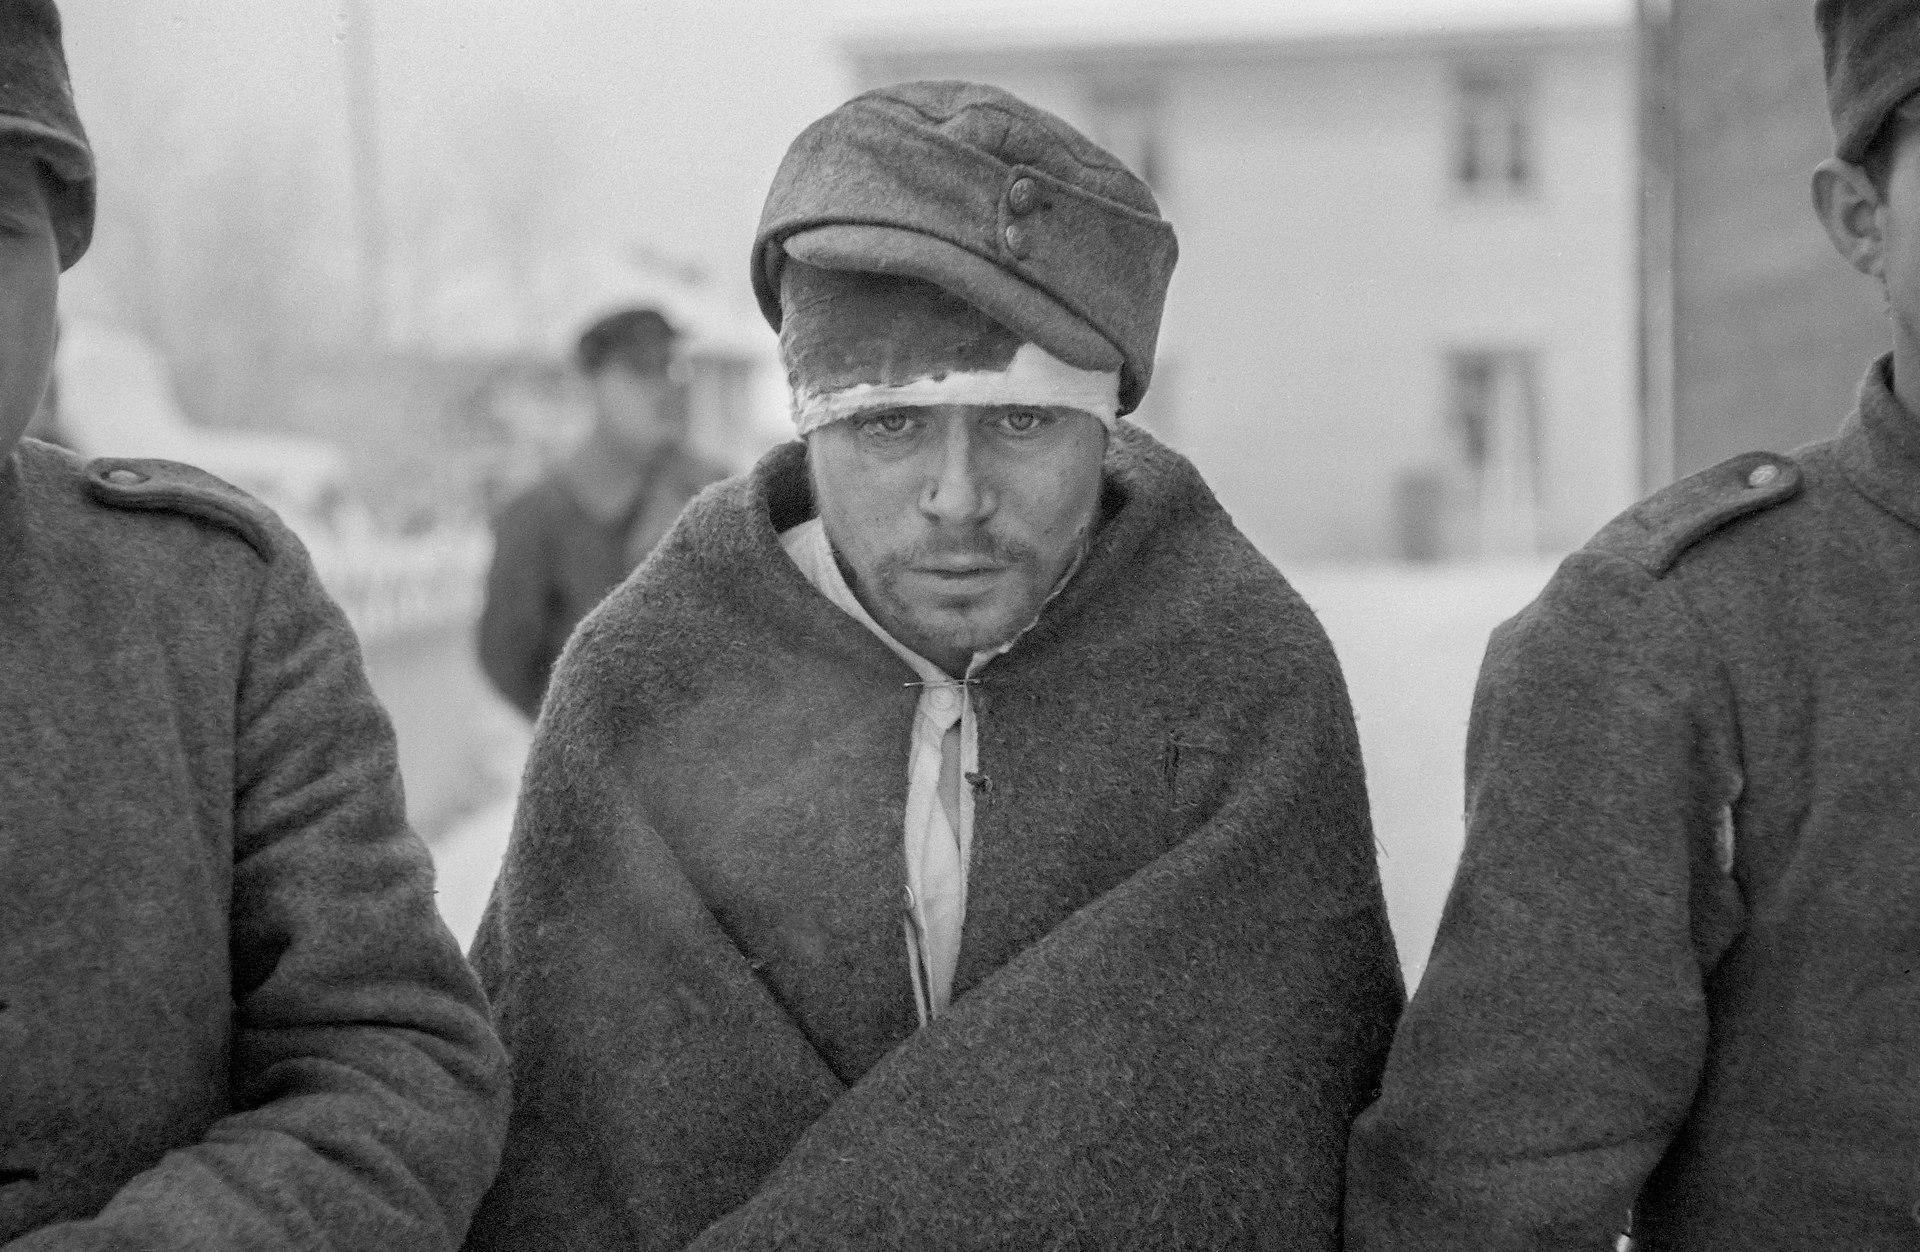 Tre sovjetiska krigsfångar. En av dem har ett blodigt bandage runt huvudet och är insvept i en filt.